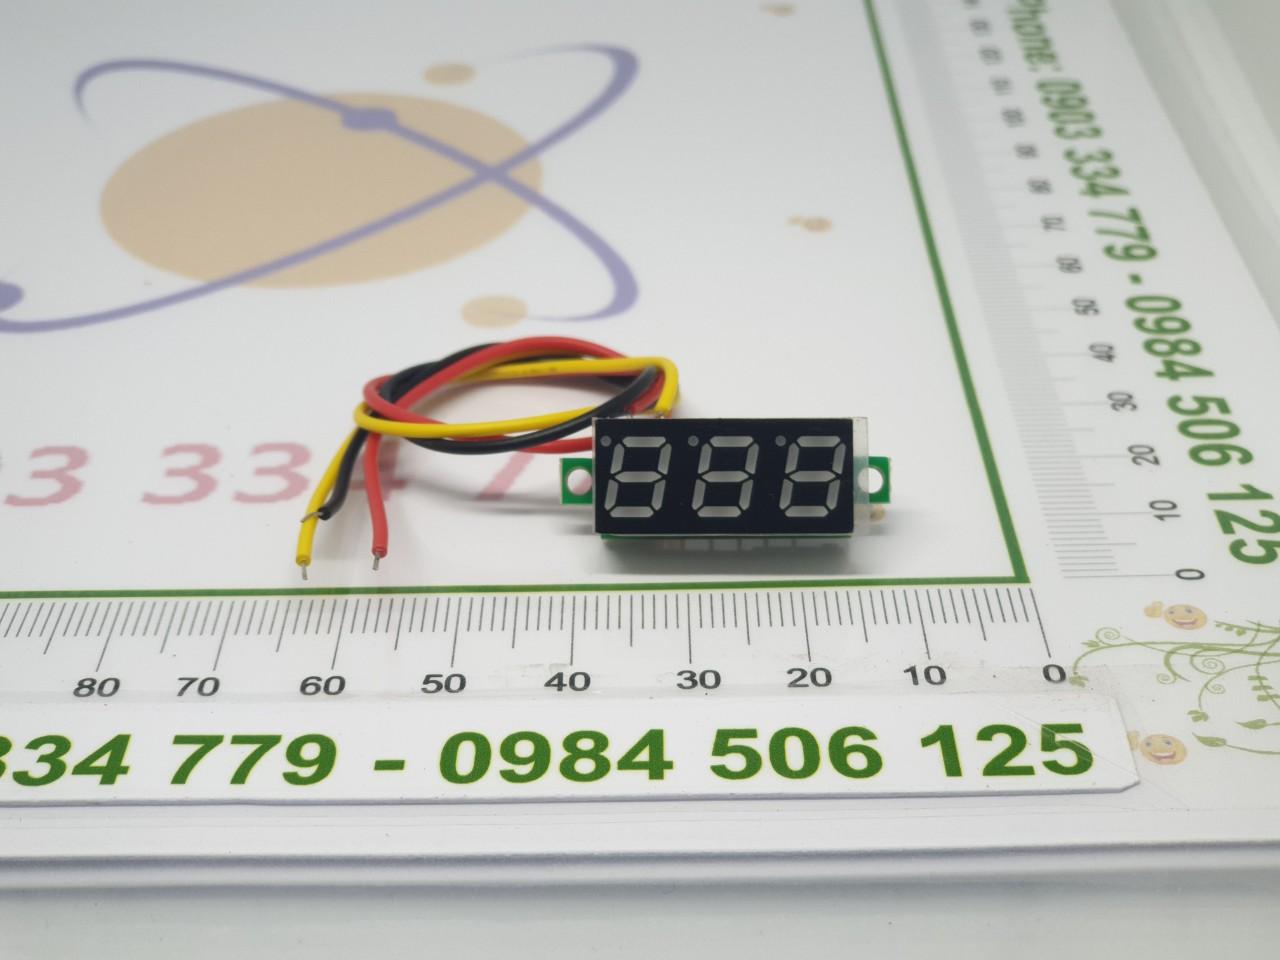 Mạch đo Vôn 0-100V DC mini 3 dây - đỏ